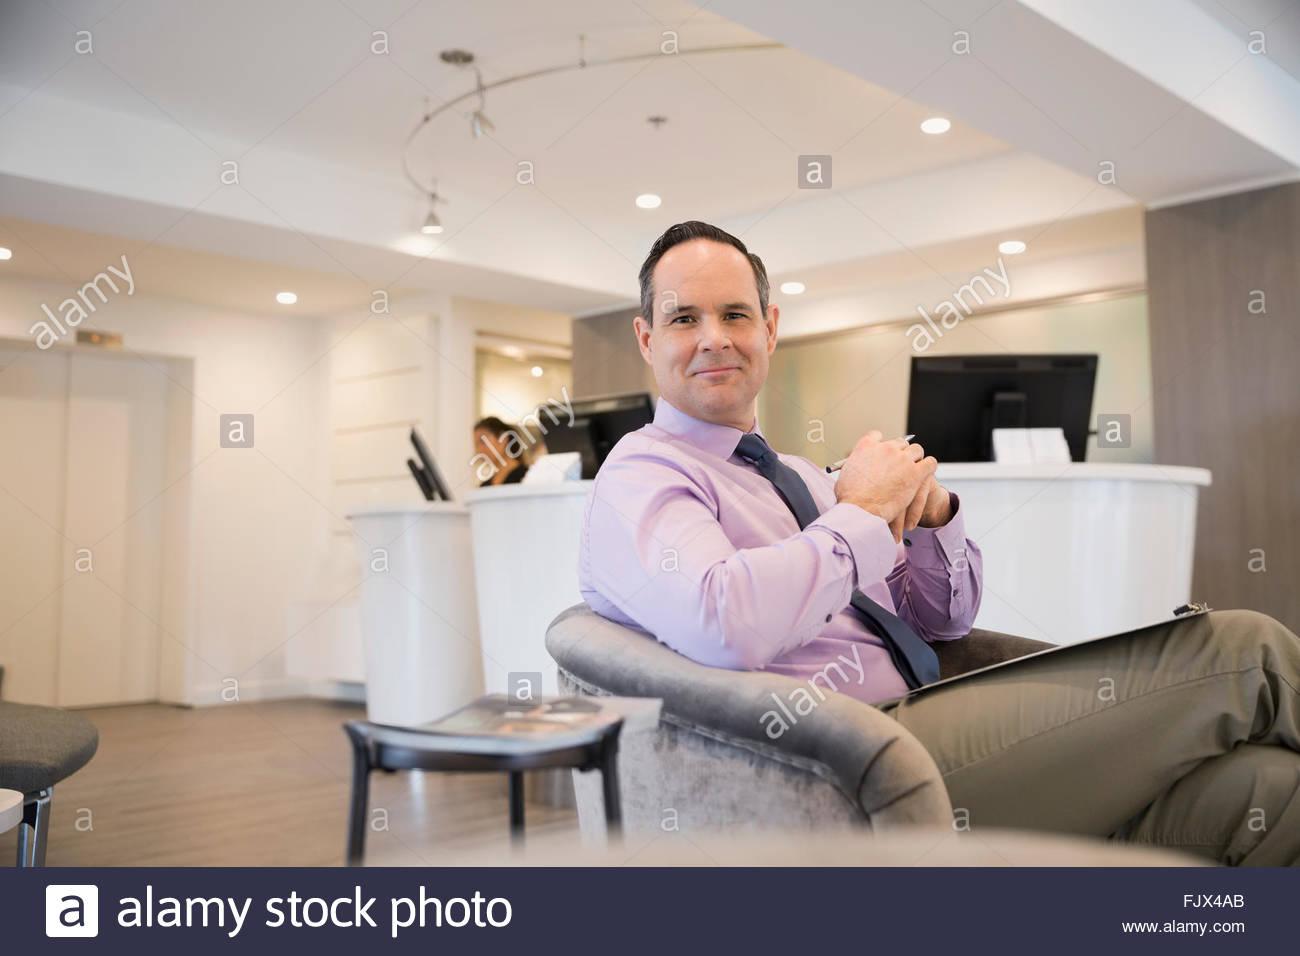 Portrait of smiling patient dans un centre d'attente Photo Stock